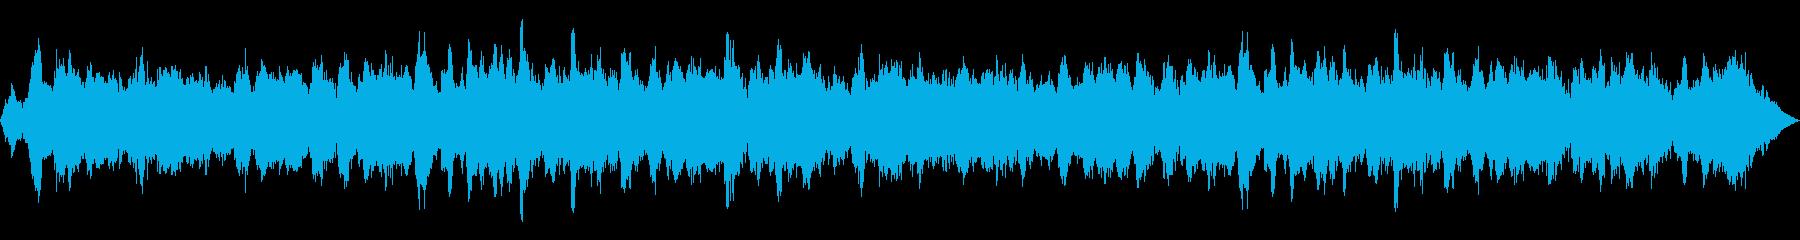 超絶技巧的バイオリン30秒BGMの再生済みの波形